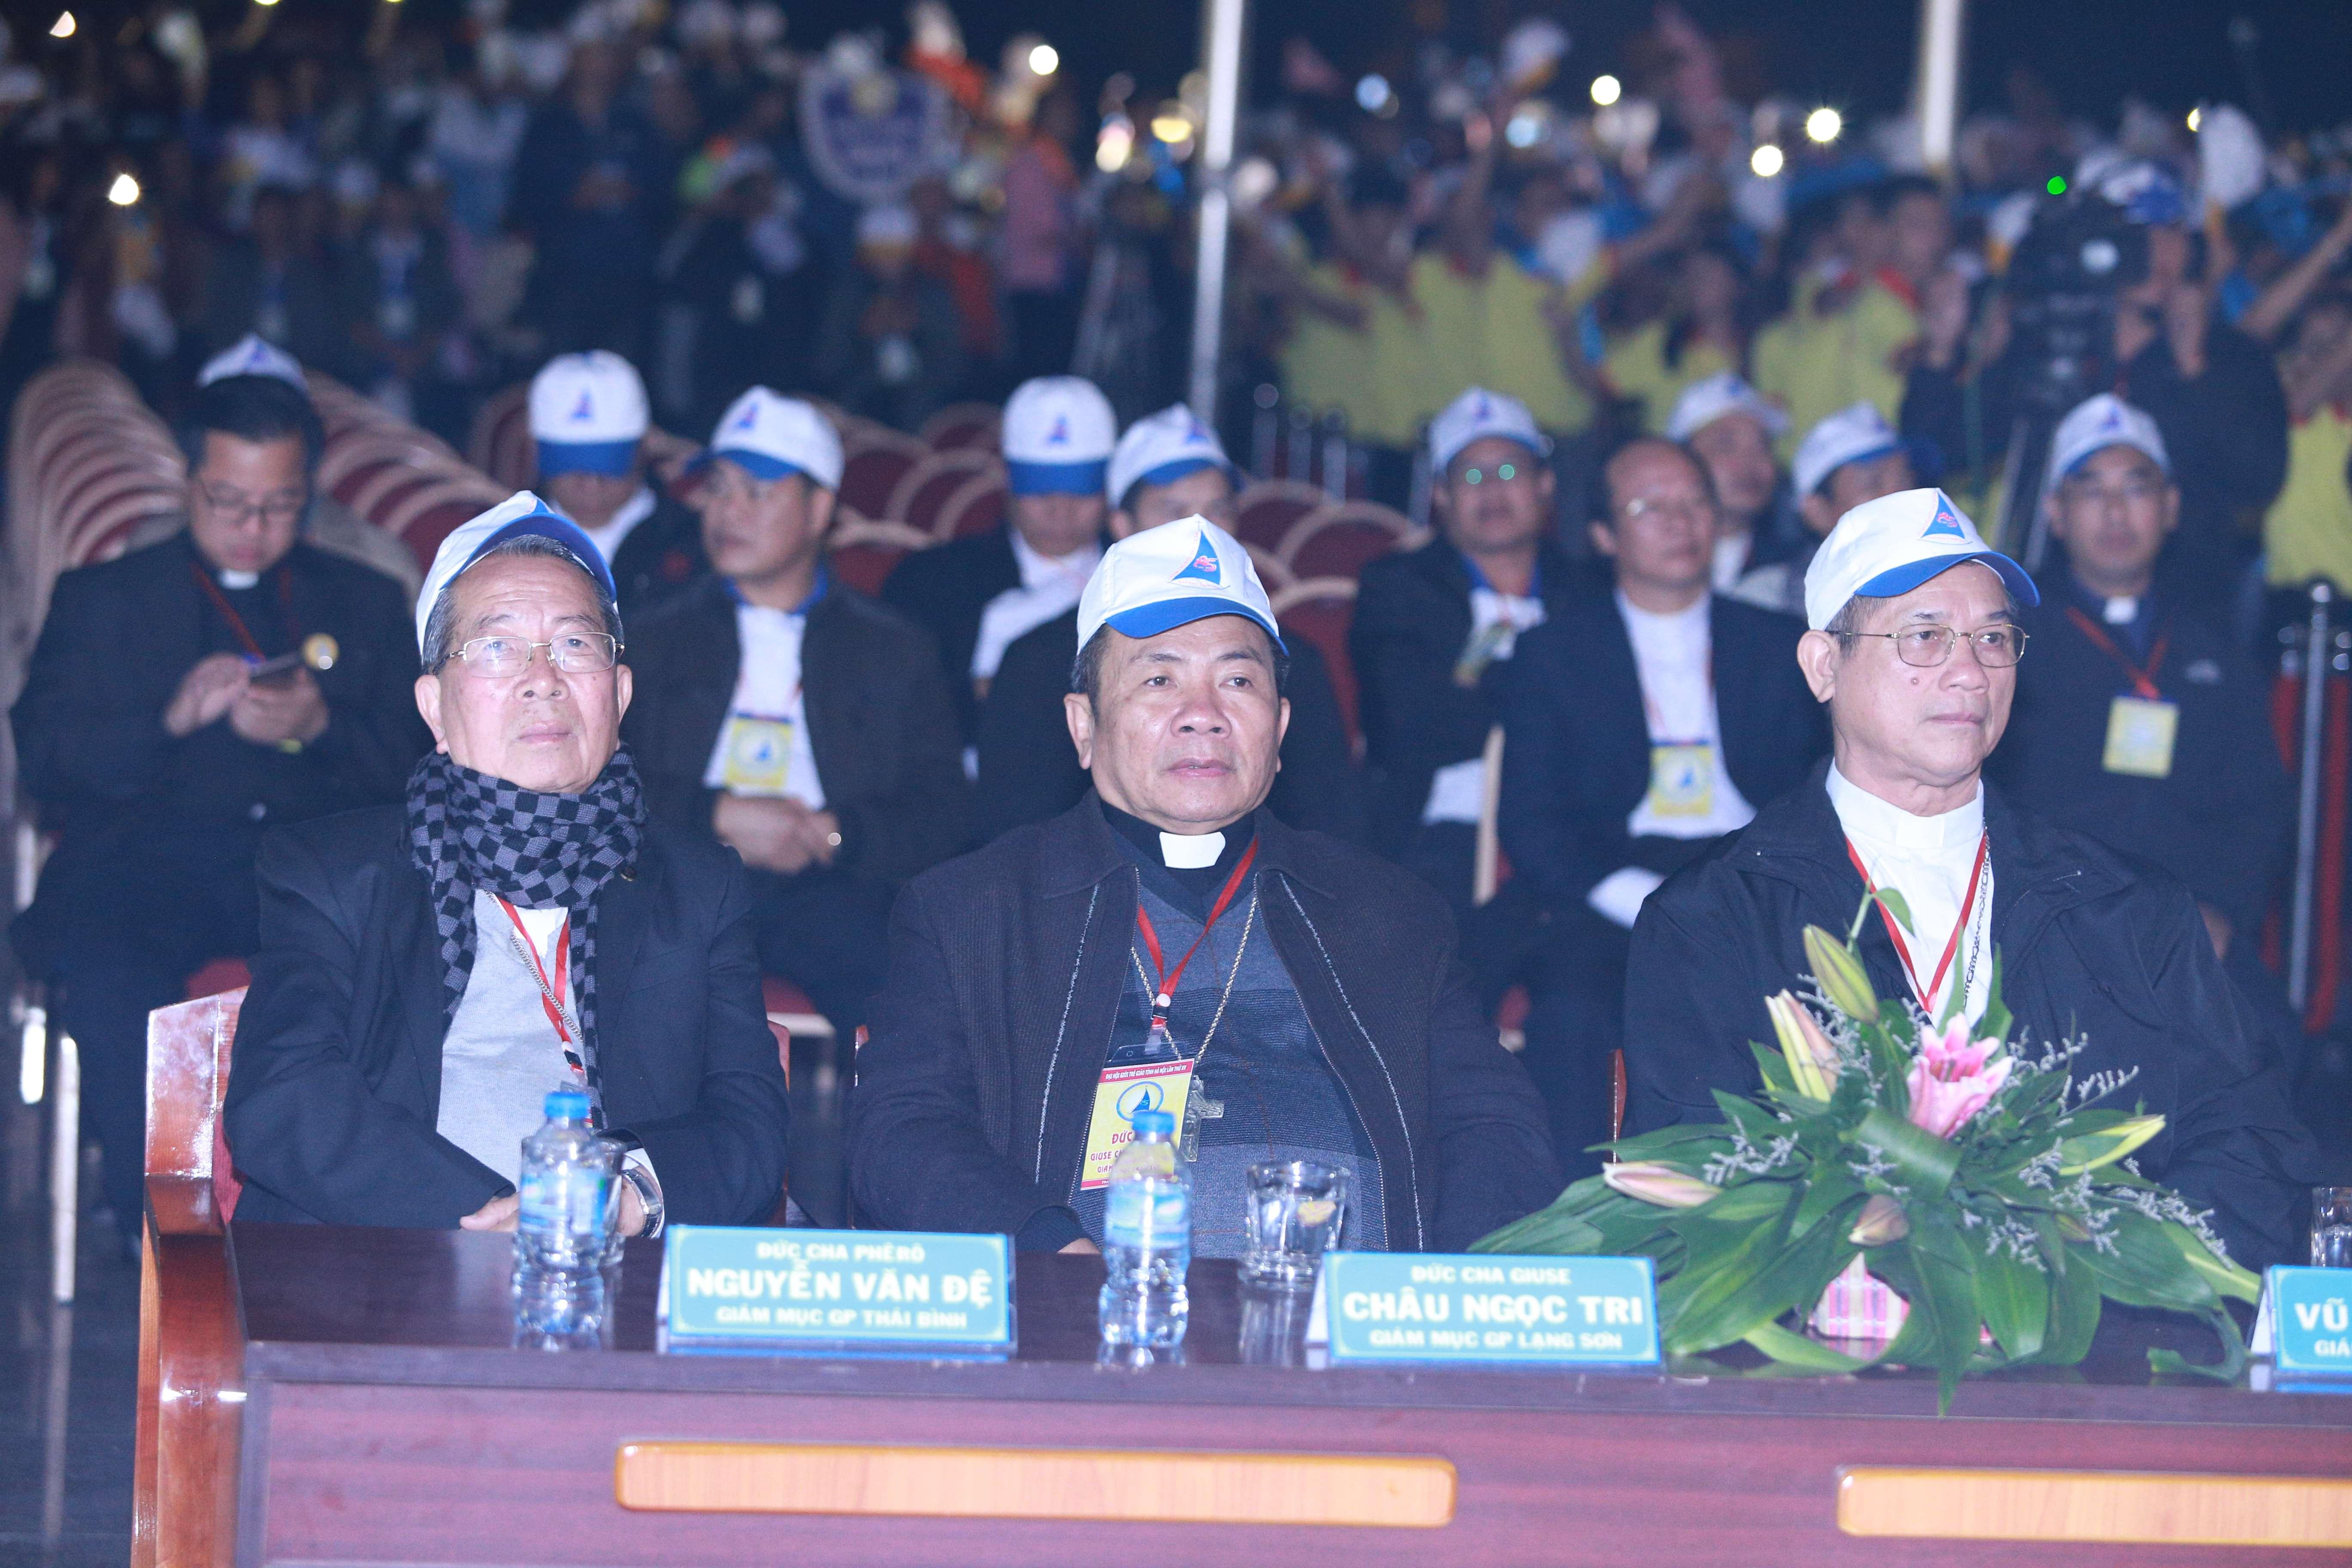 Đêm diễn nguyện Đại Hội giới trẻ giáo tỉnh Hà Nội lần thứ XV